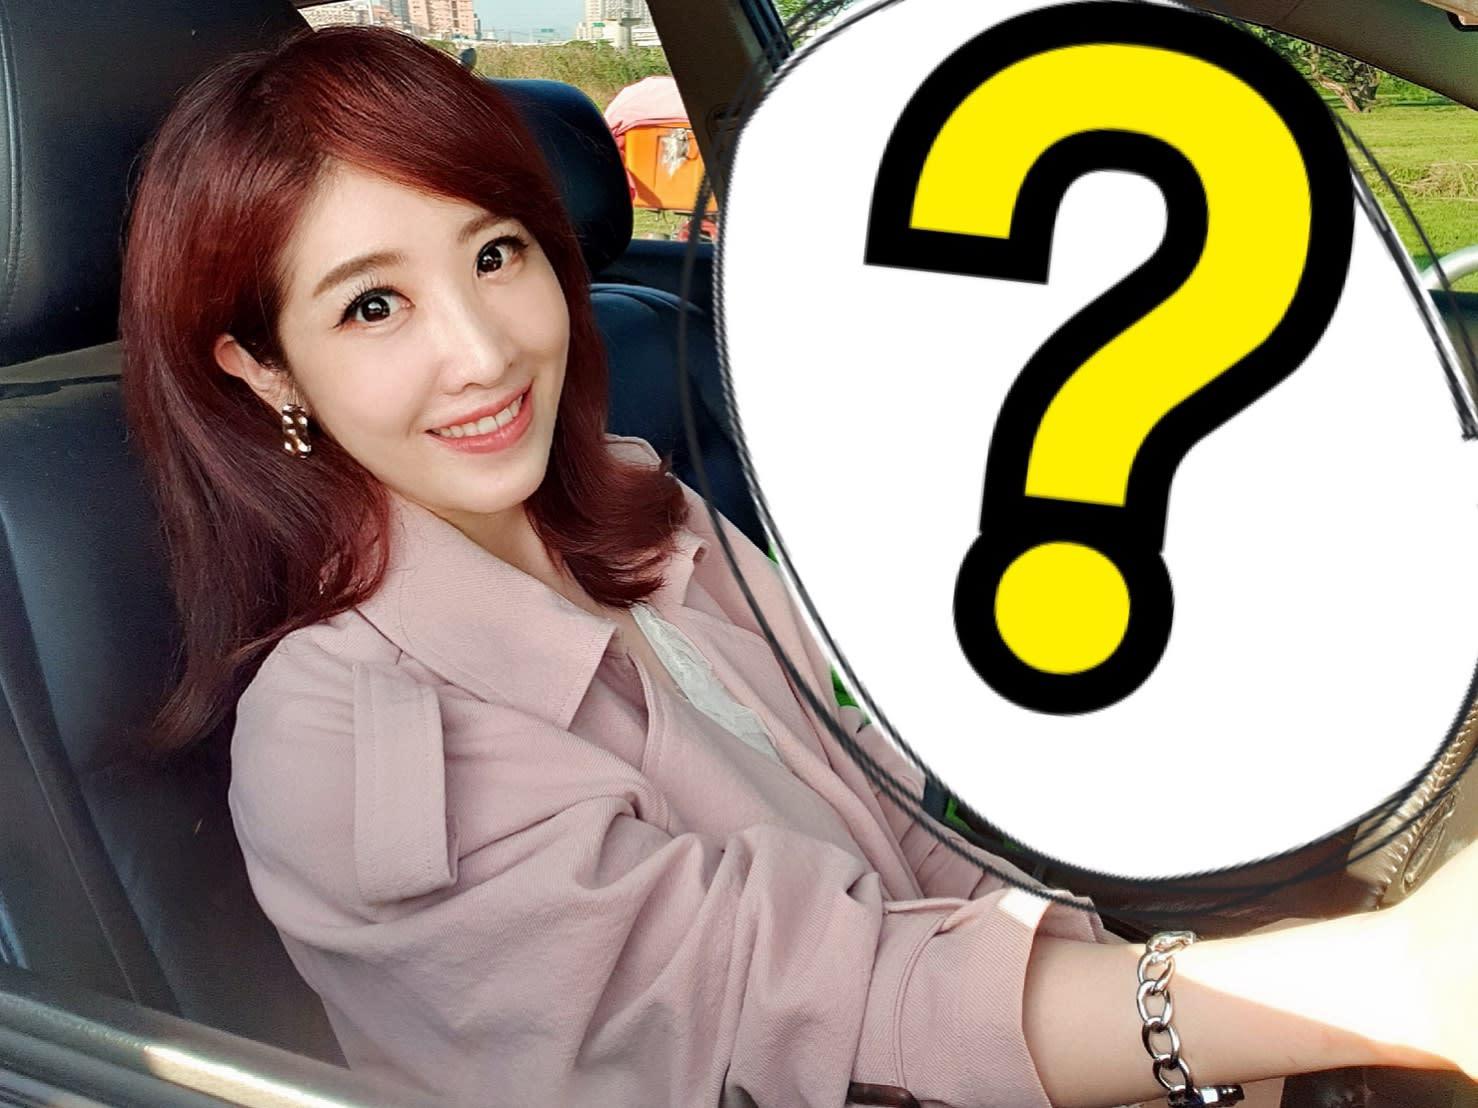 【名人聊愛車】最美發言人黃若薇入手Nissan Teana  開車「兩腳並用」糗被罵